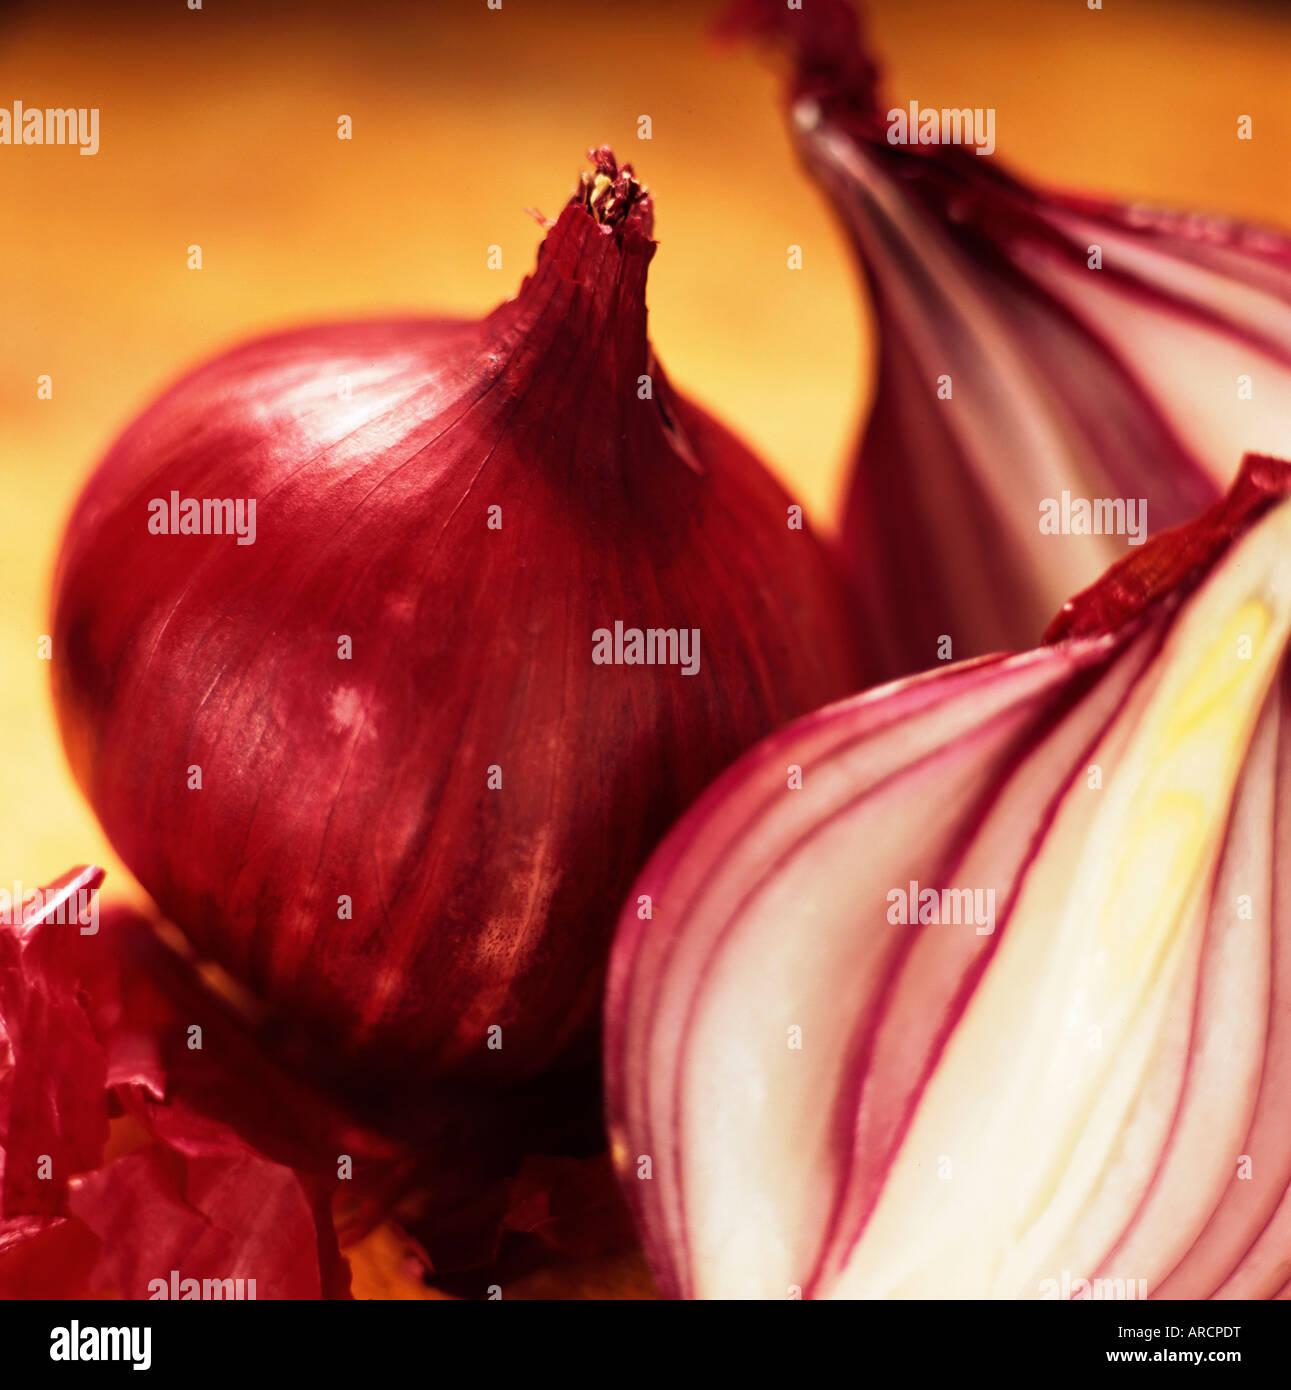 Studioaufnahme von roten Zwiebeln Stockfoto